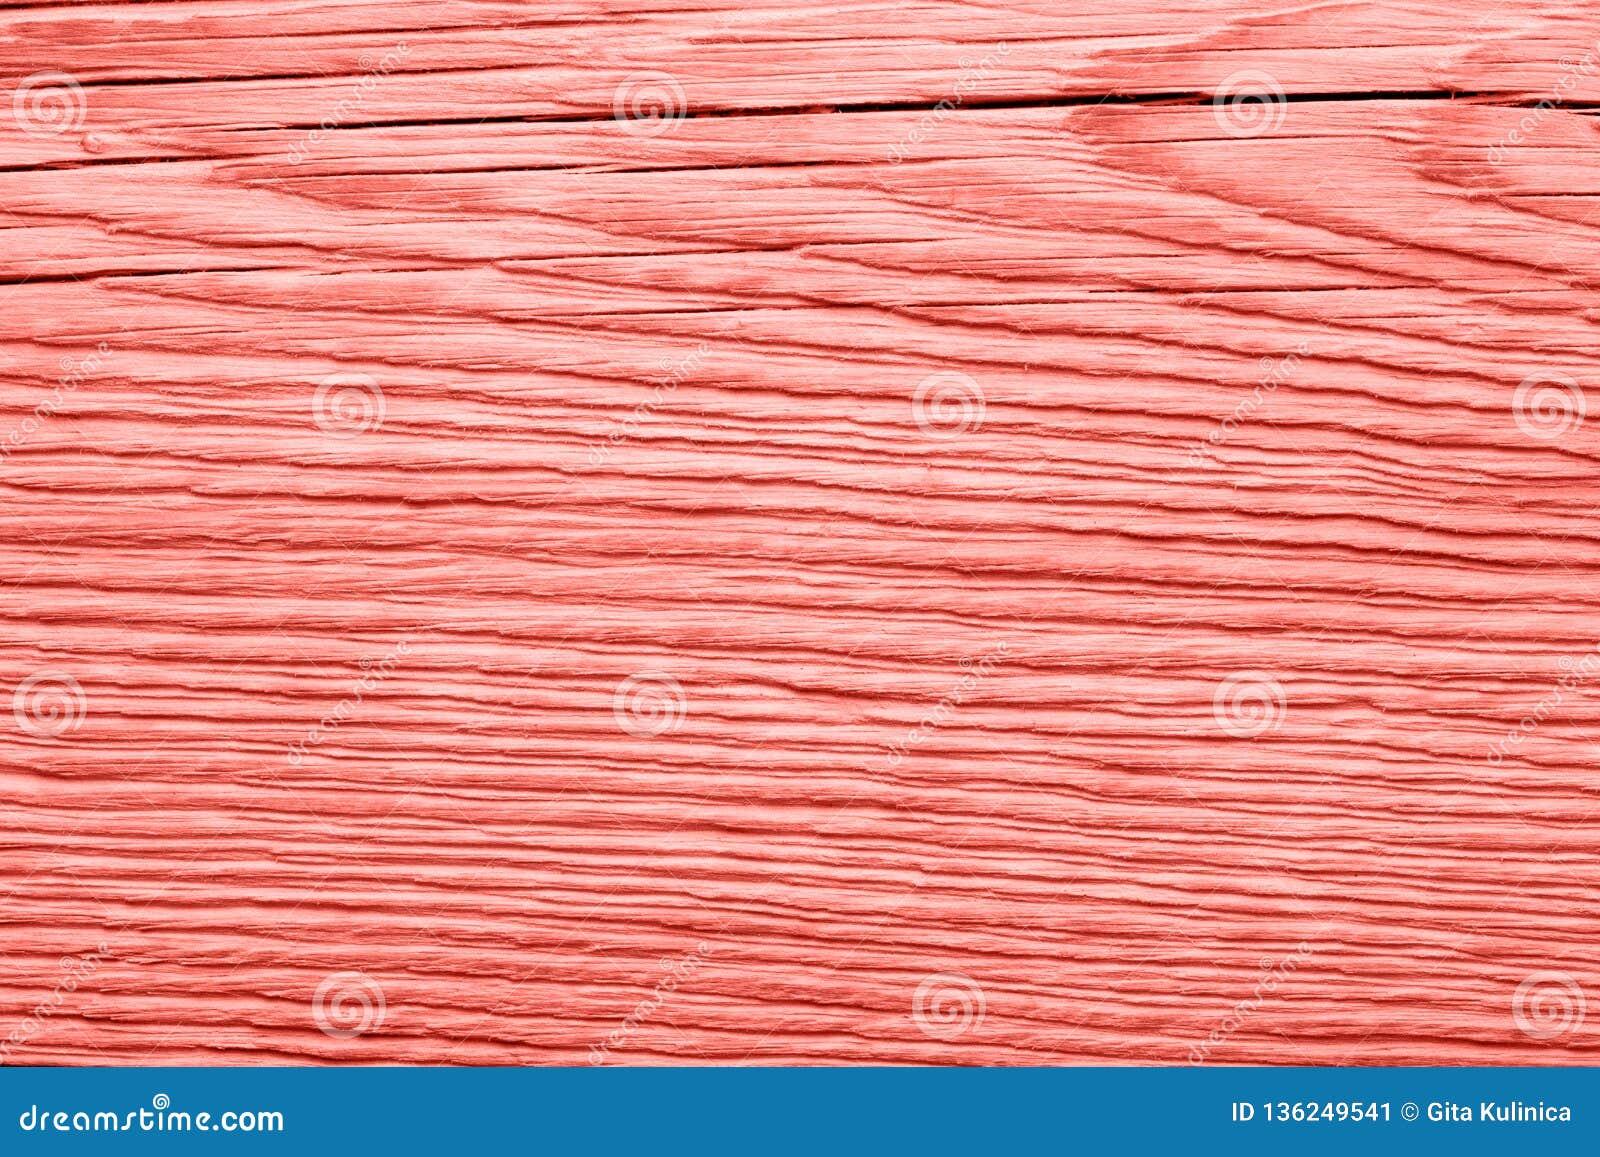 Textura de madera coralina de vida del vintage abstraiga el fondo